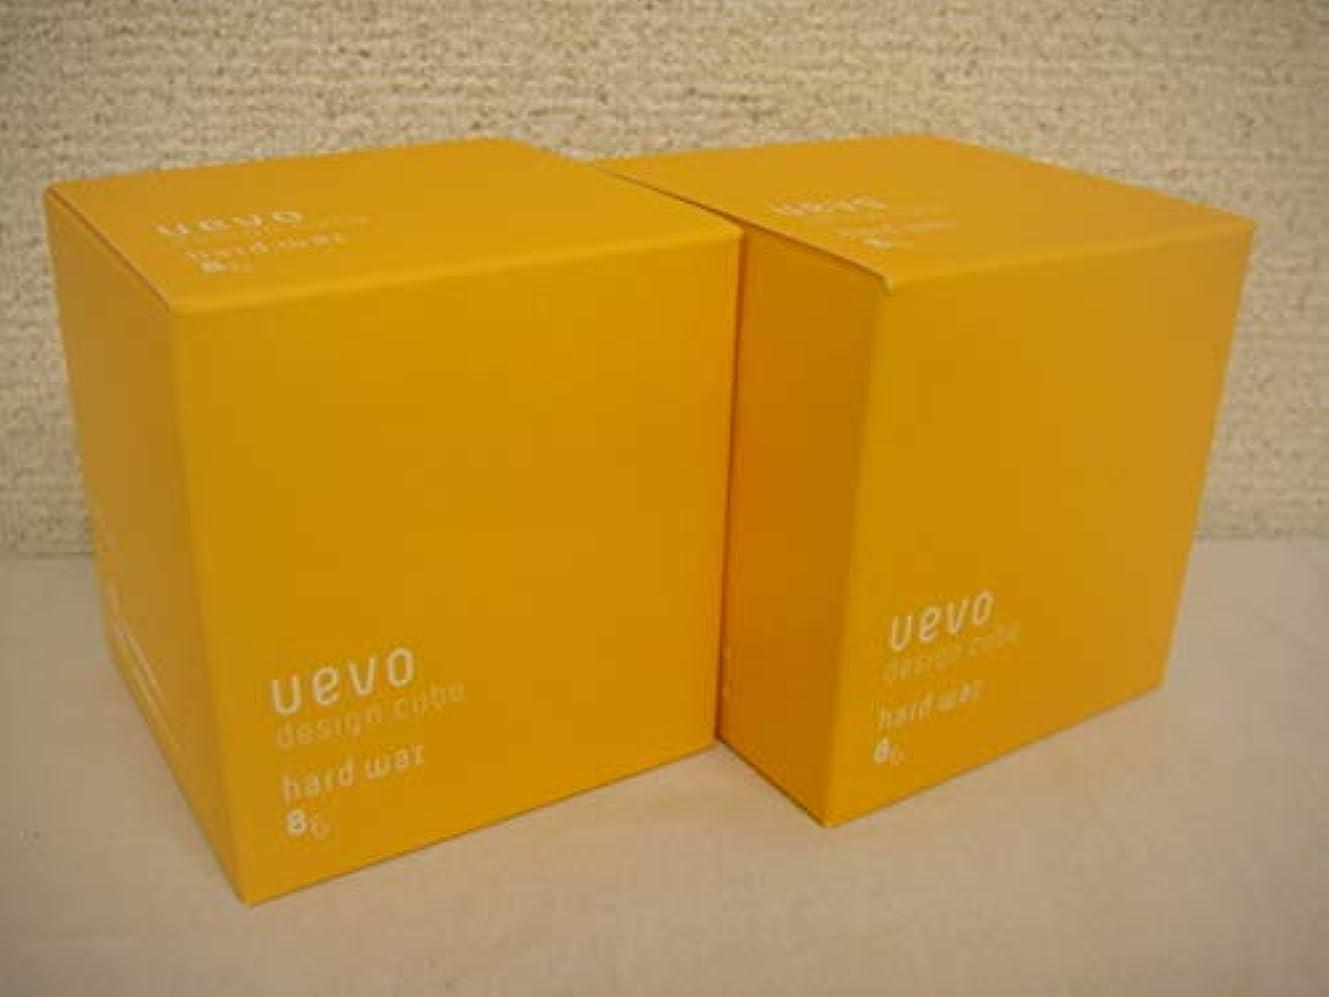 優雅な文庫本特権的【X2個セット】デミ ウェーボ デザインキューブ ハードワックス 80g